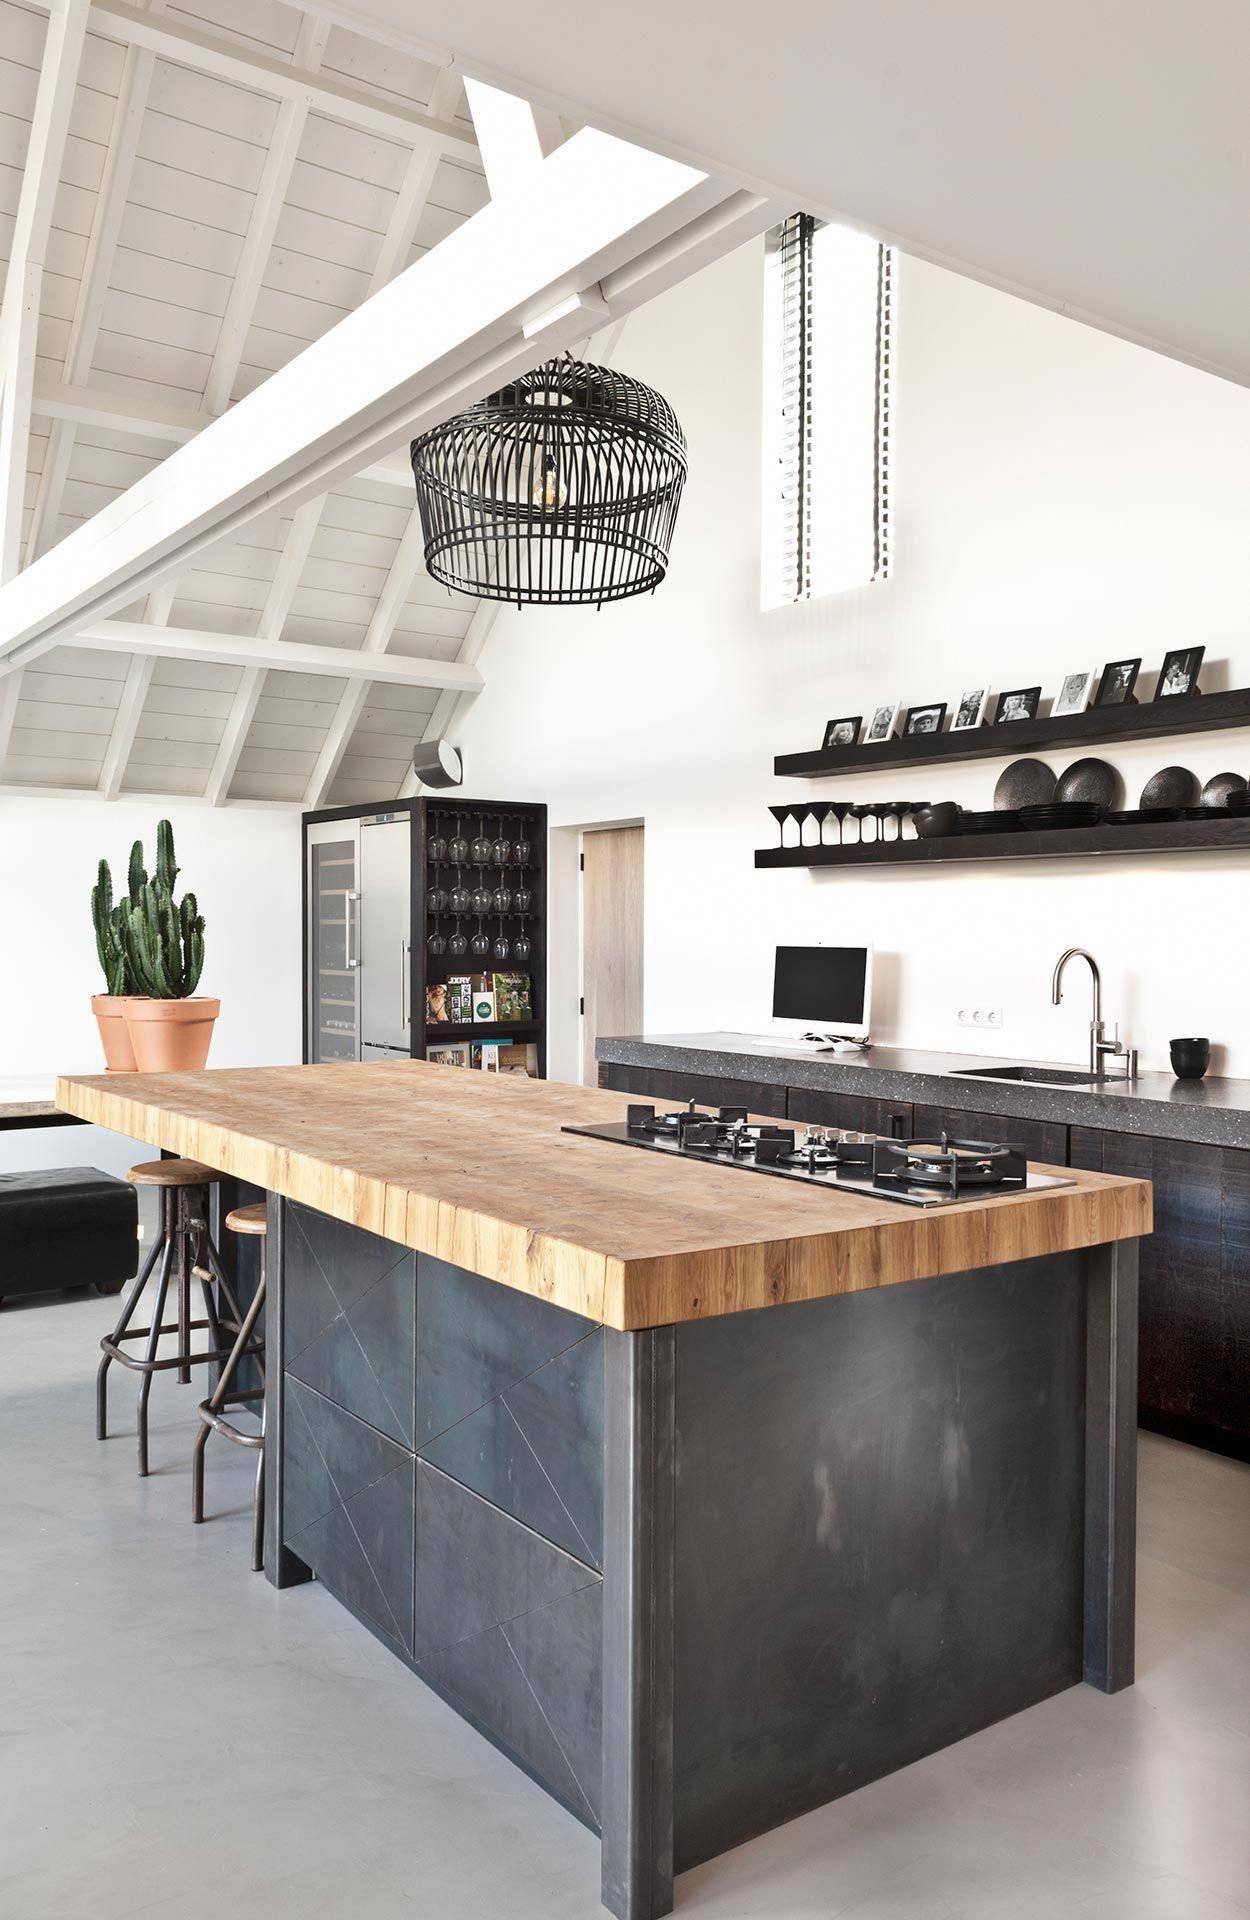 Full Size of Cocoon Küchen Cokitchen Design Bycocooncom Kitchen Inspiration Regal Wohnzimmer Cocoon Küchen